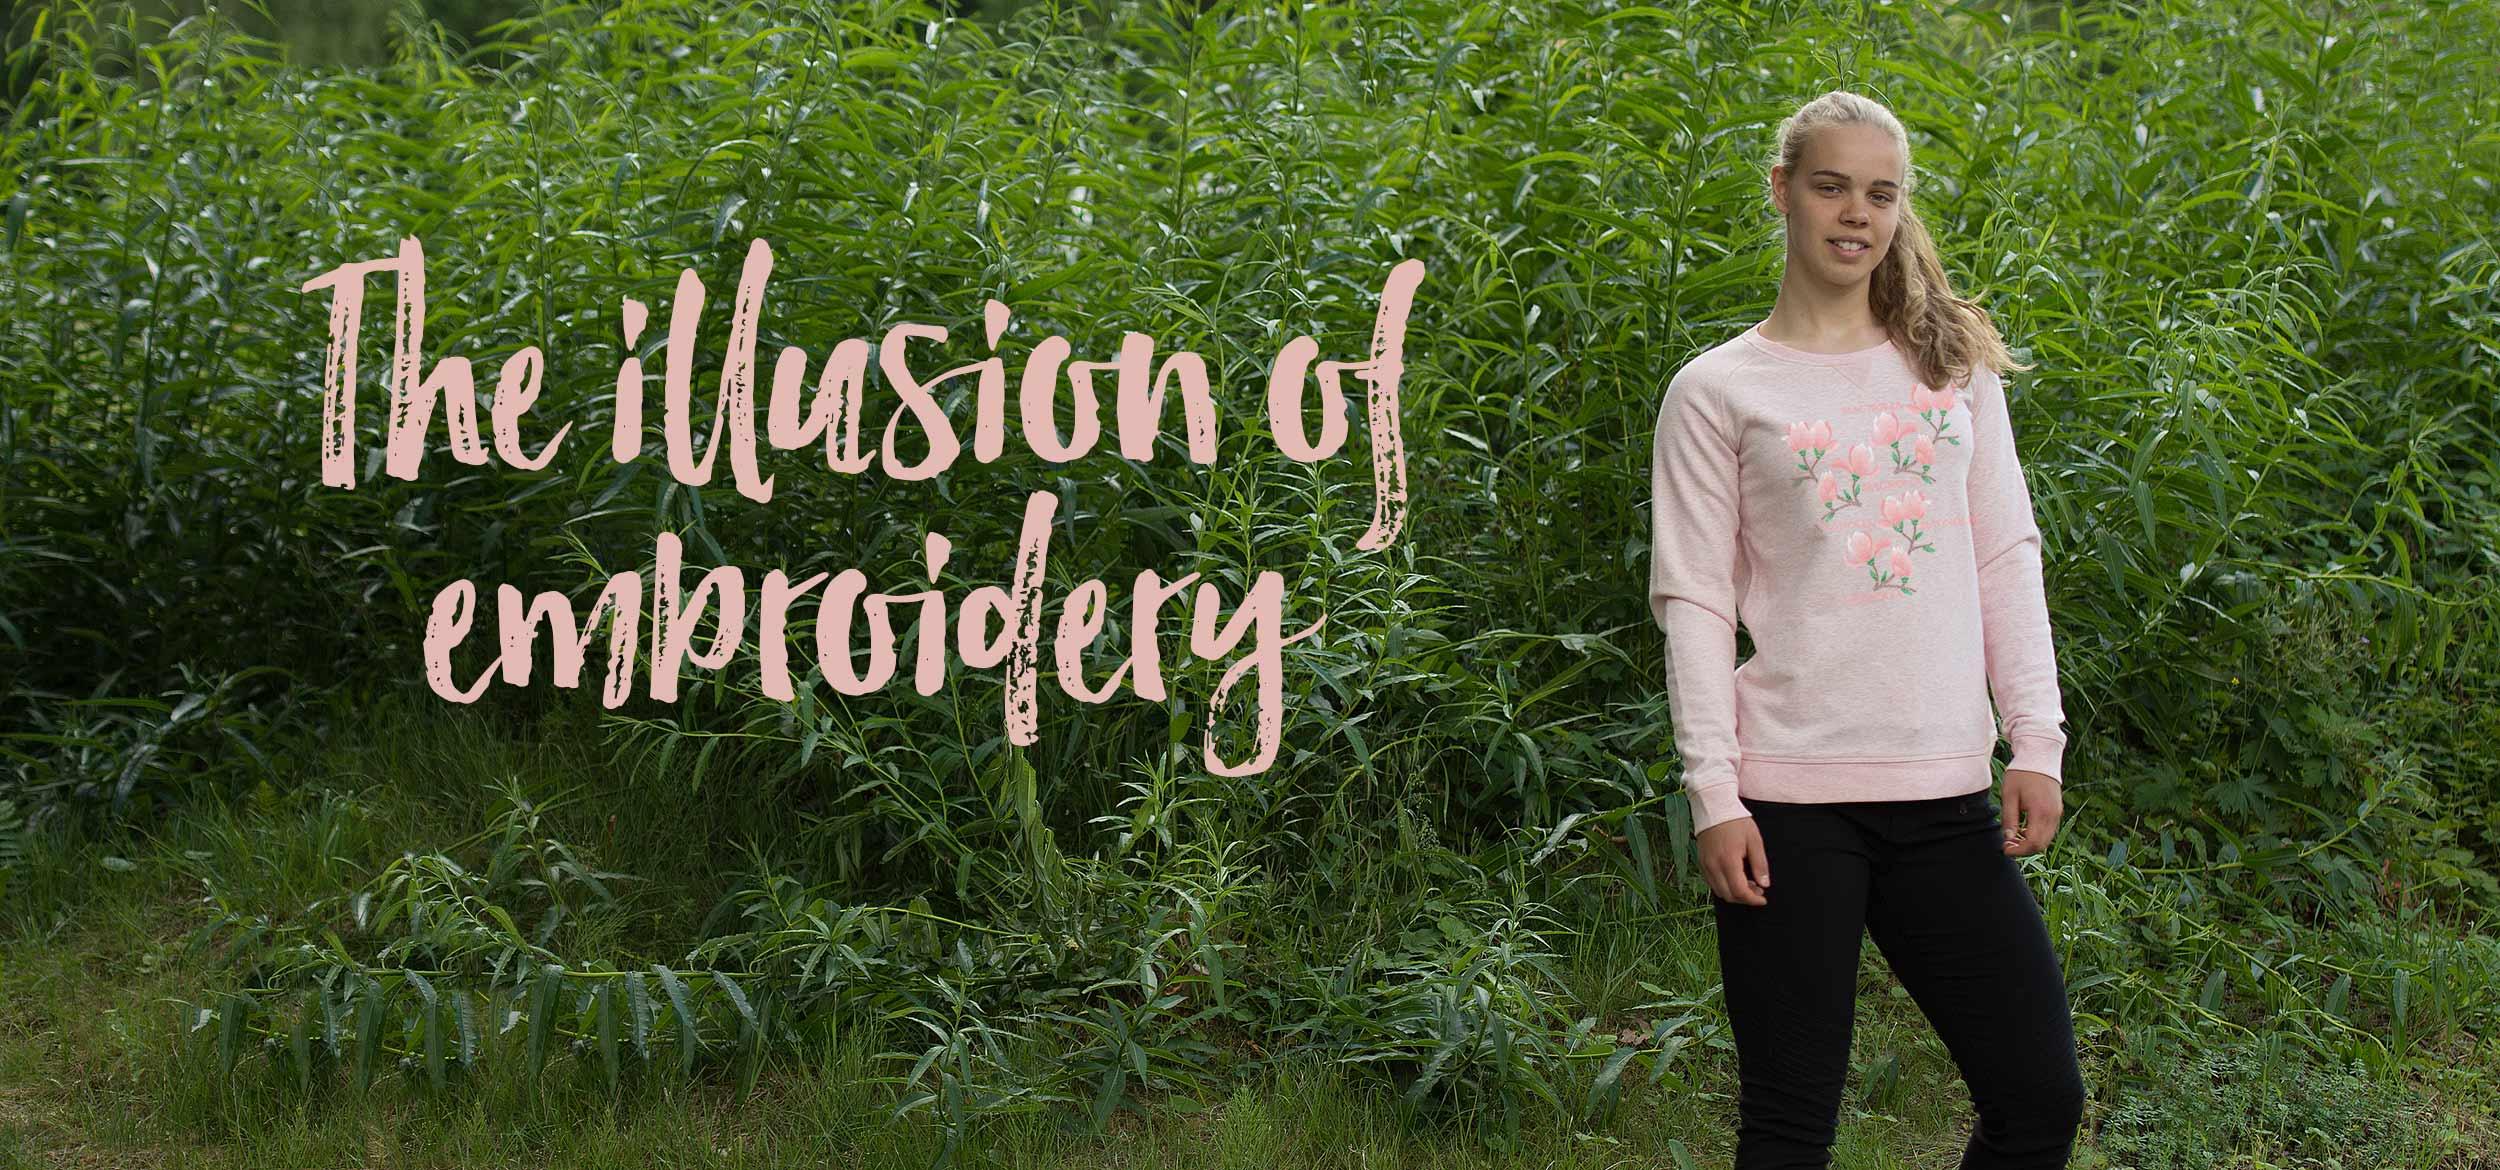 Illusionen av broderi finns på denna sköna tröja med Magnolior på. Luckimi @luckimibrand www.luckimi.com